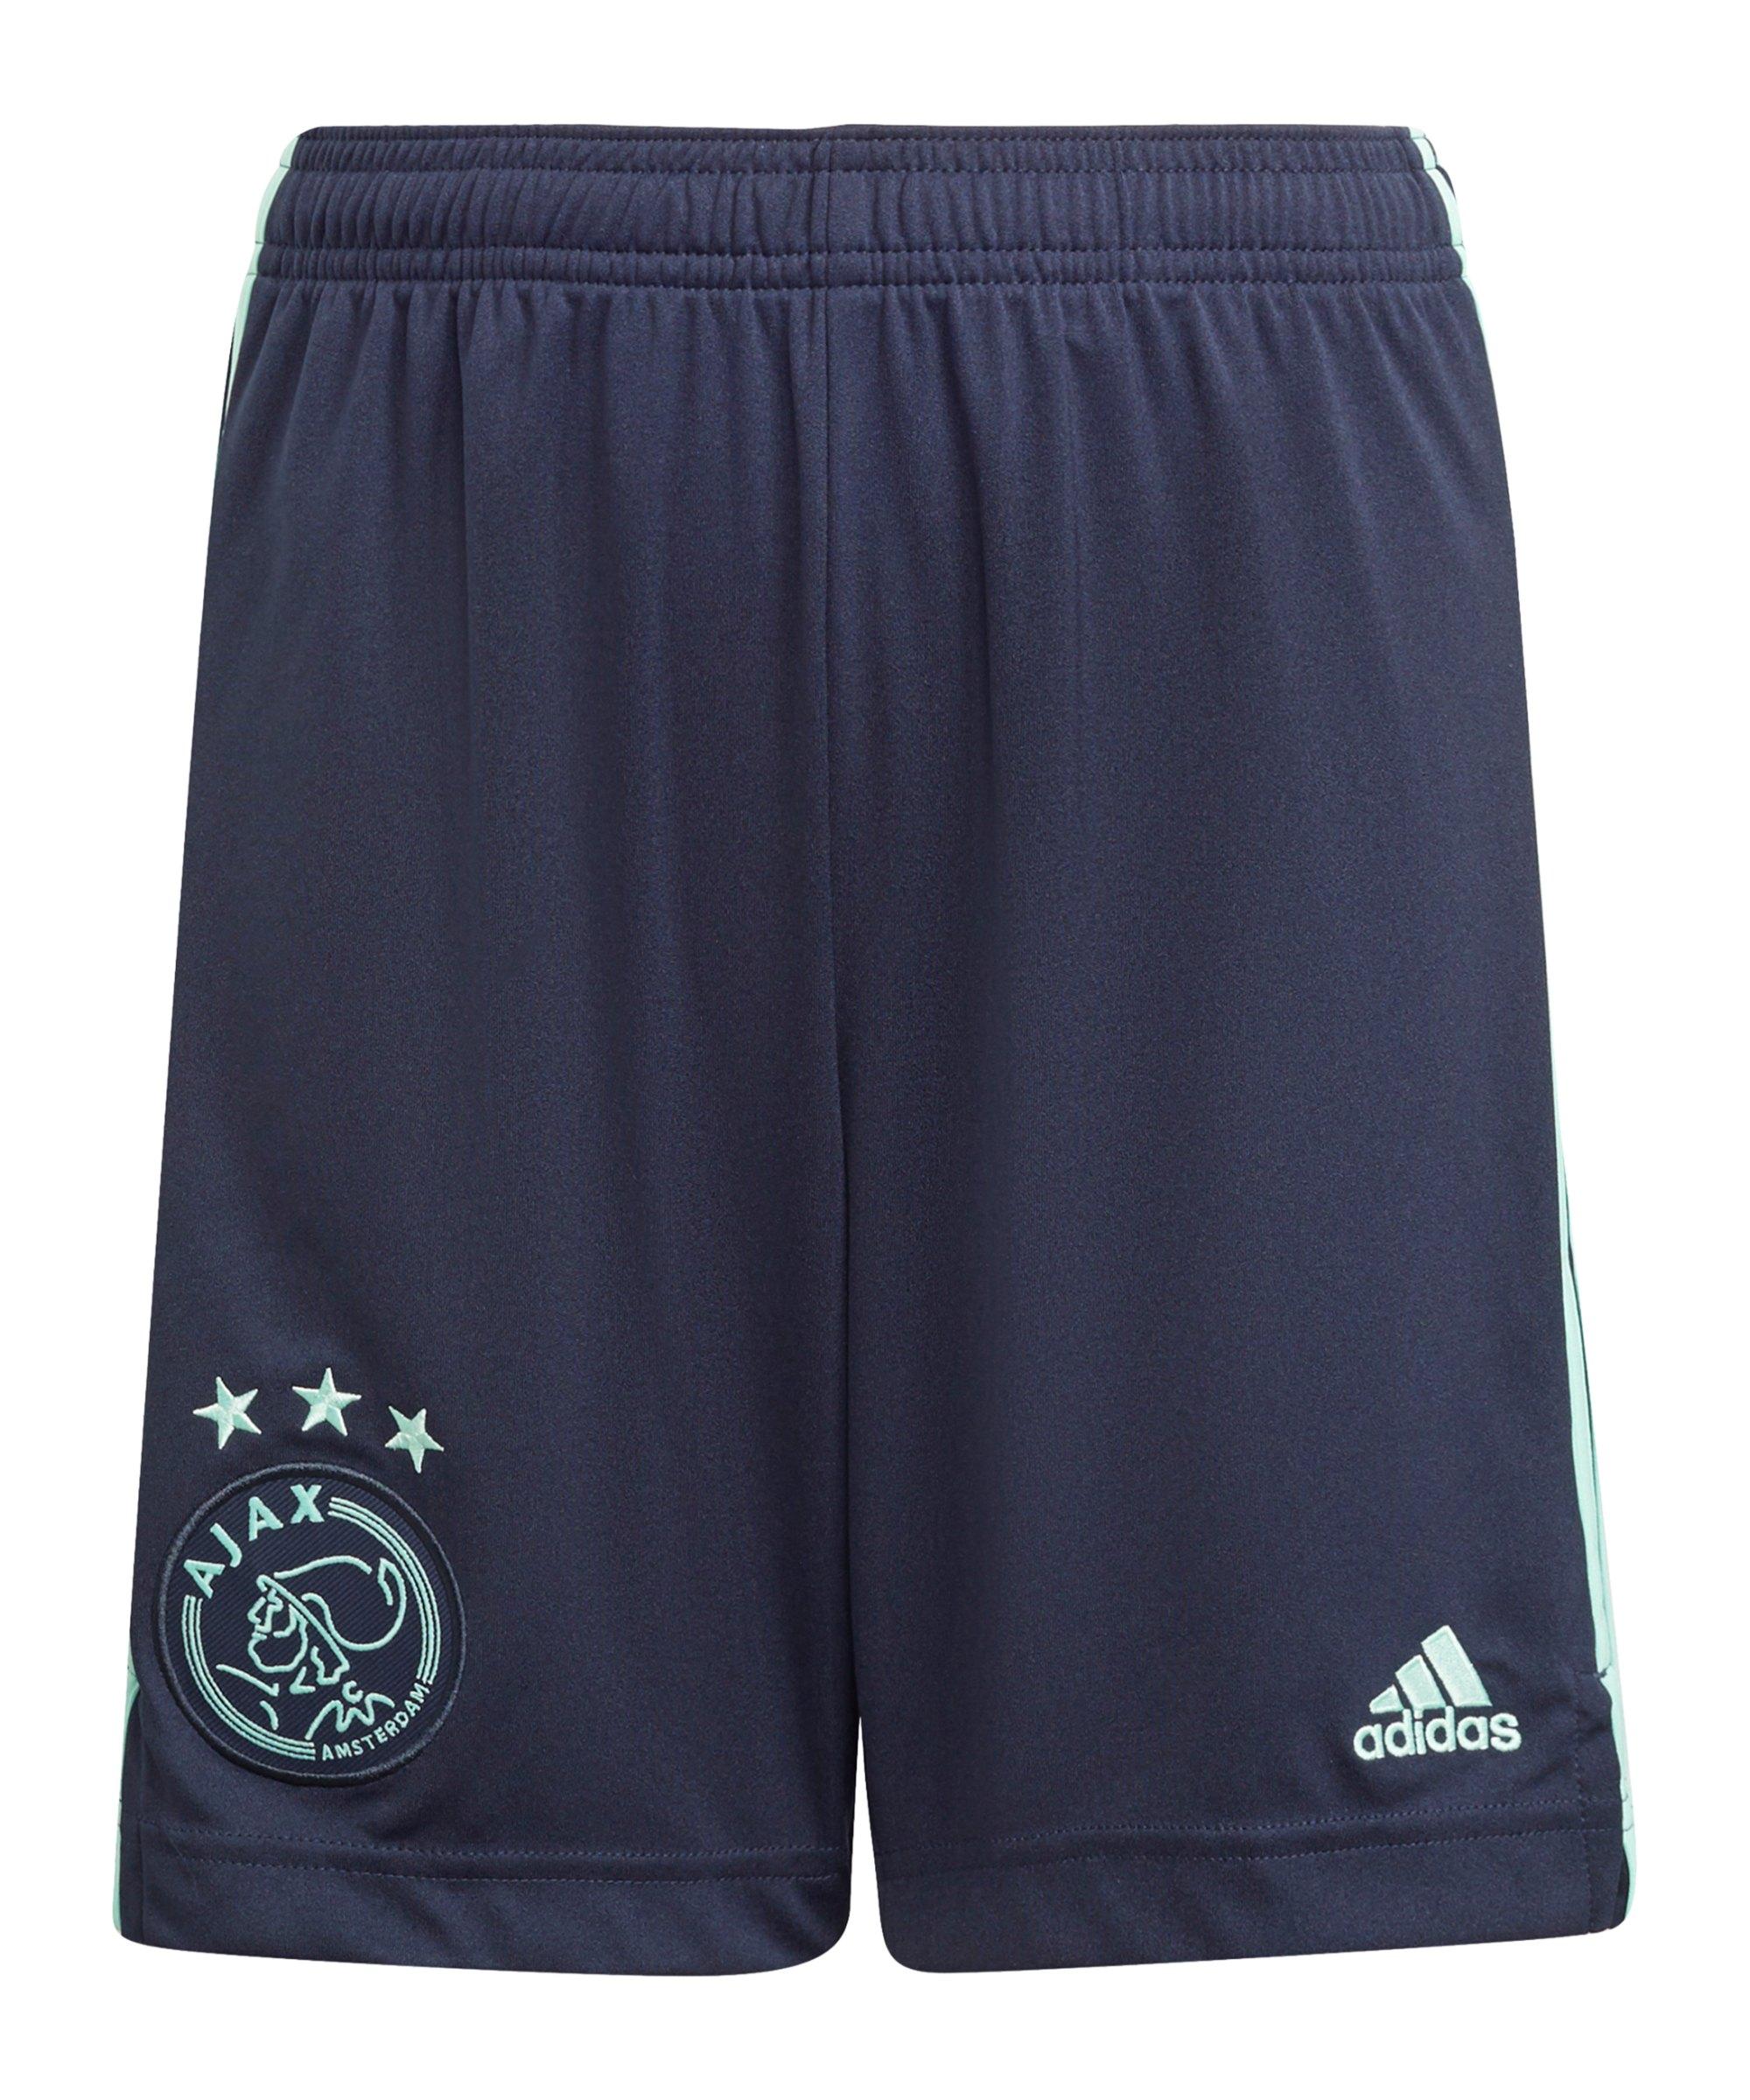 adidas Ajax Amsterdam Short Away 2021/2022 Blau - blau